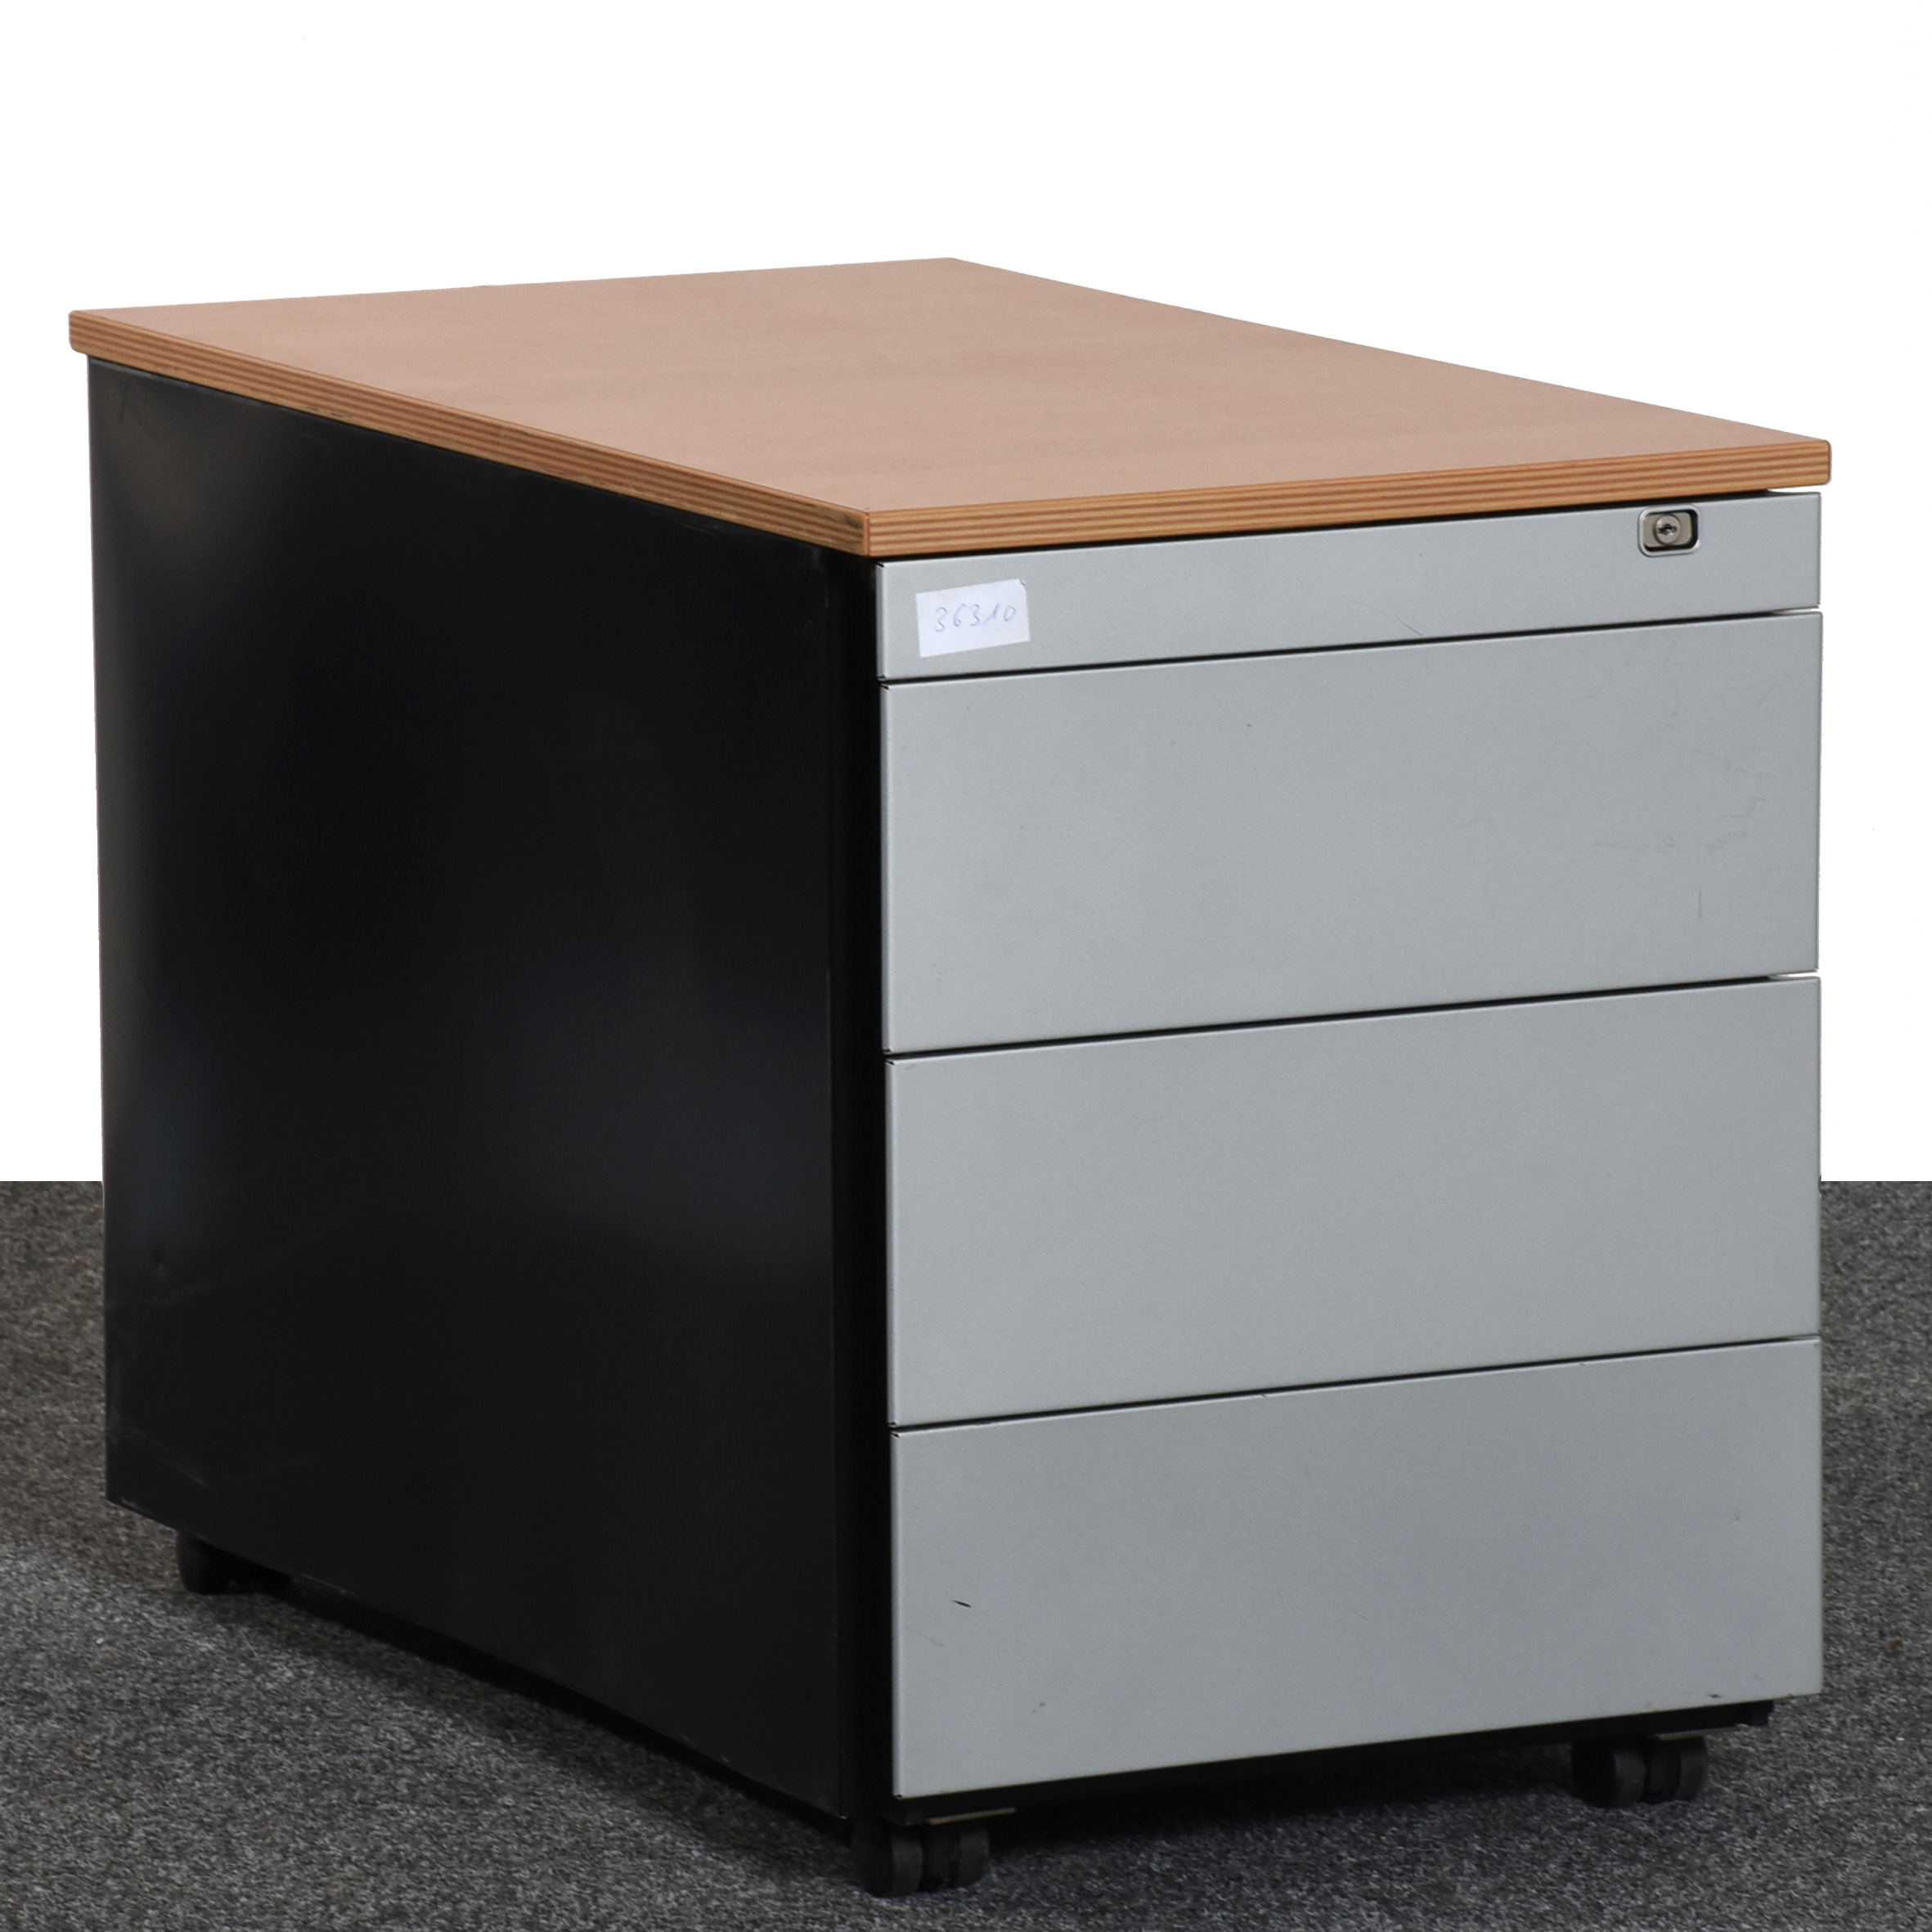 Cool Rollcontainer Metall Reference Of Ronis Buche Schwarz Schubladen Gebraucht Büro 36310